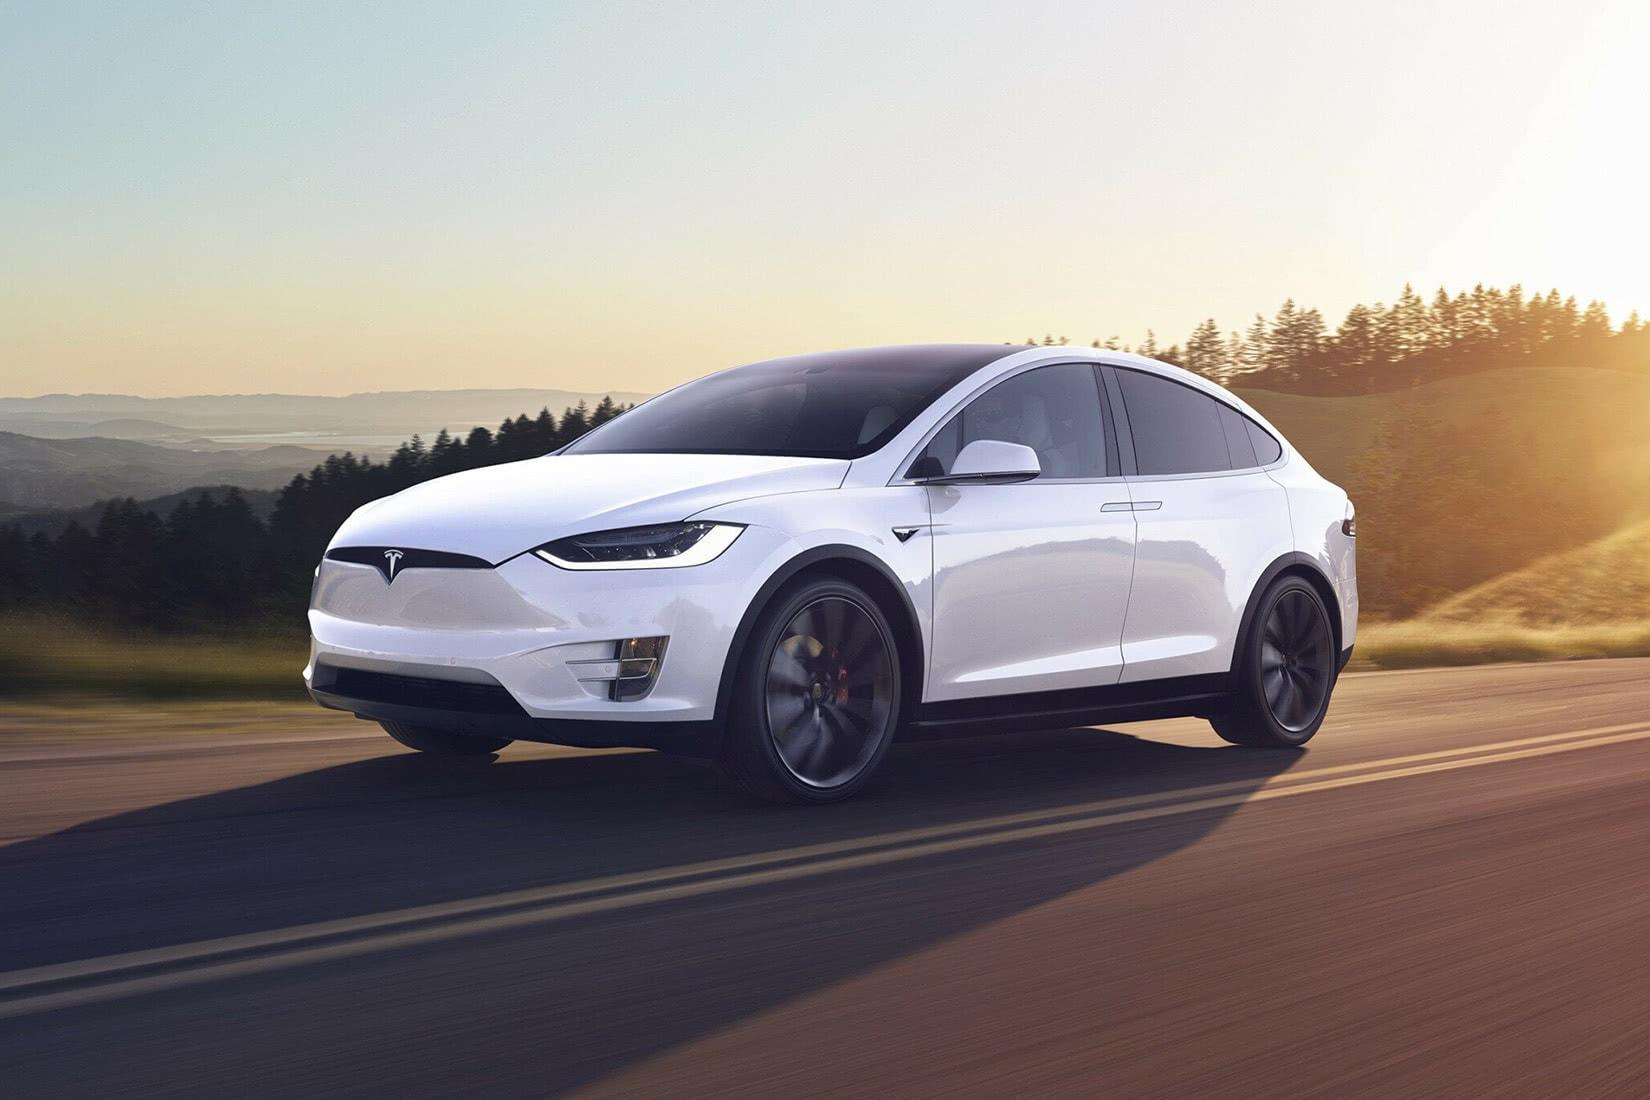 best luxury suv 2021 Tesla Model X - Luxe Digital